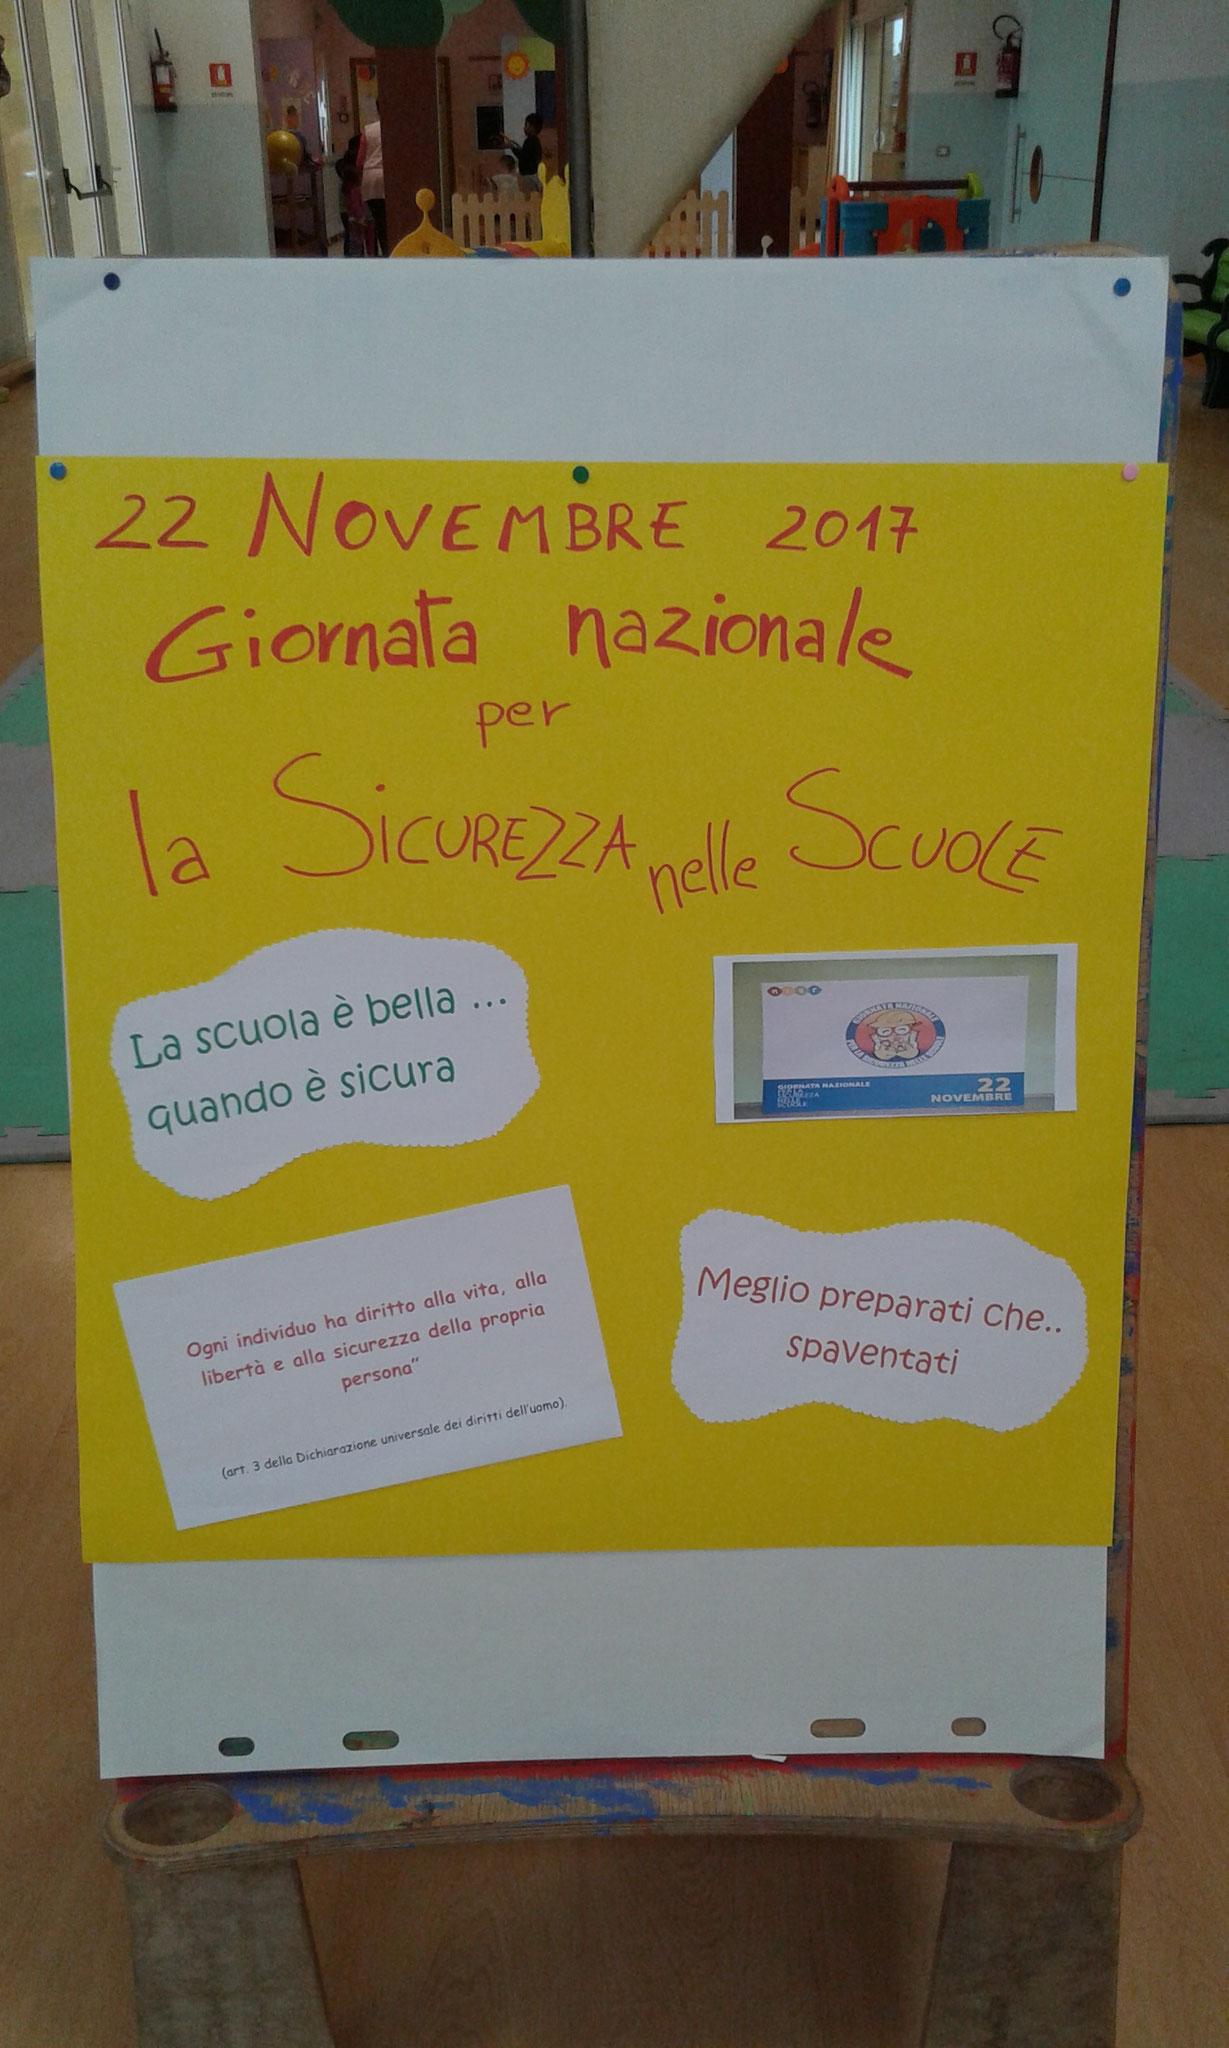 22 NOVEMBRE 2017  GIORNATA DELLA SICUREZZA